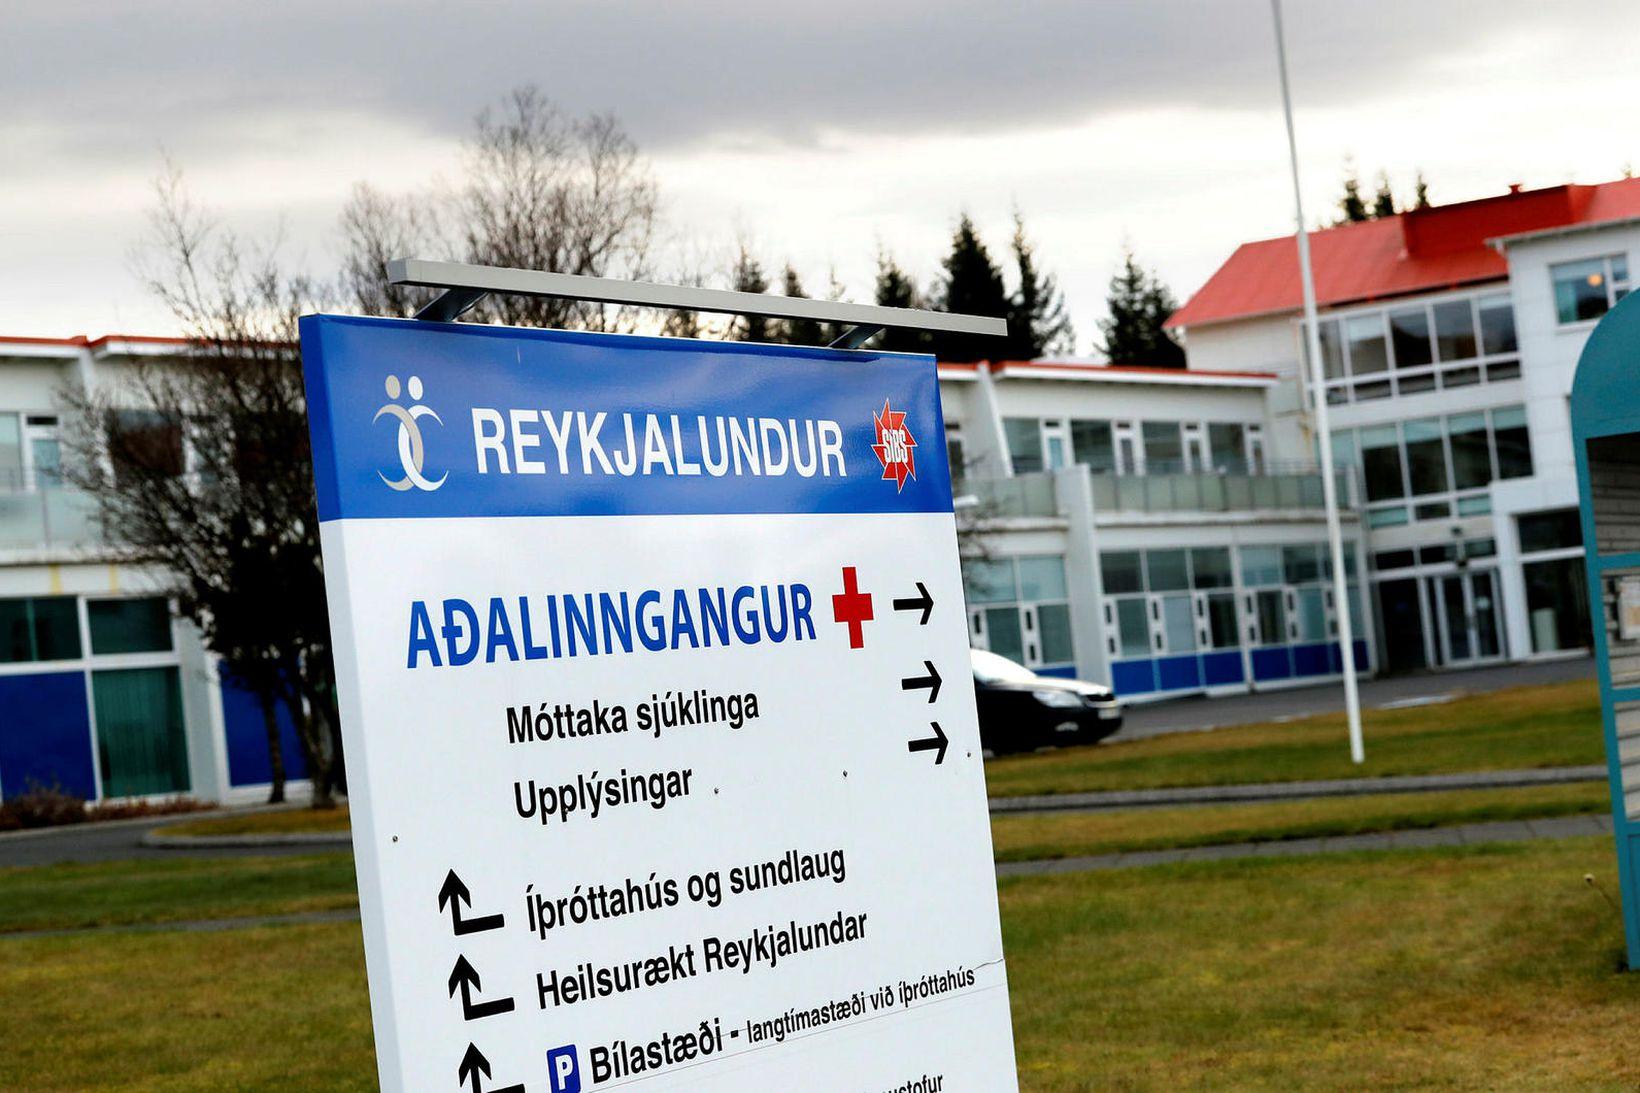 Reykjalundur og Heilsustofnun Náttúrulækningafélags Íslands (HNLFÍ) munu sjá um þjónustu …